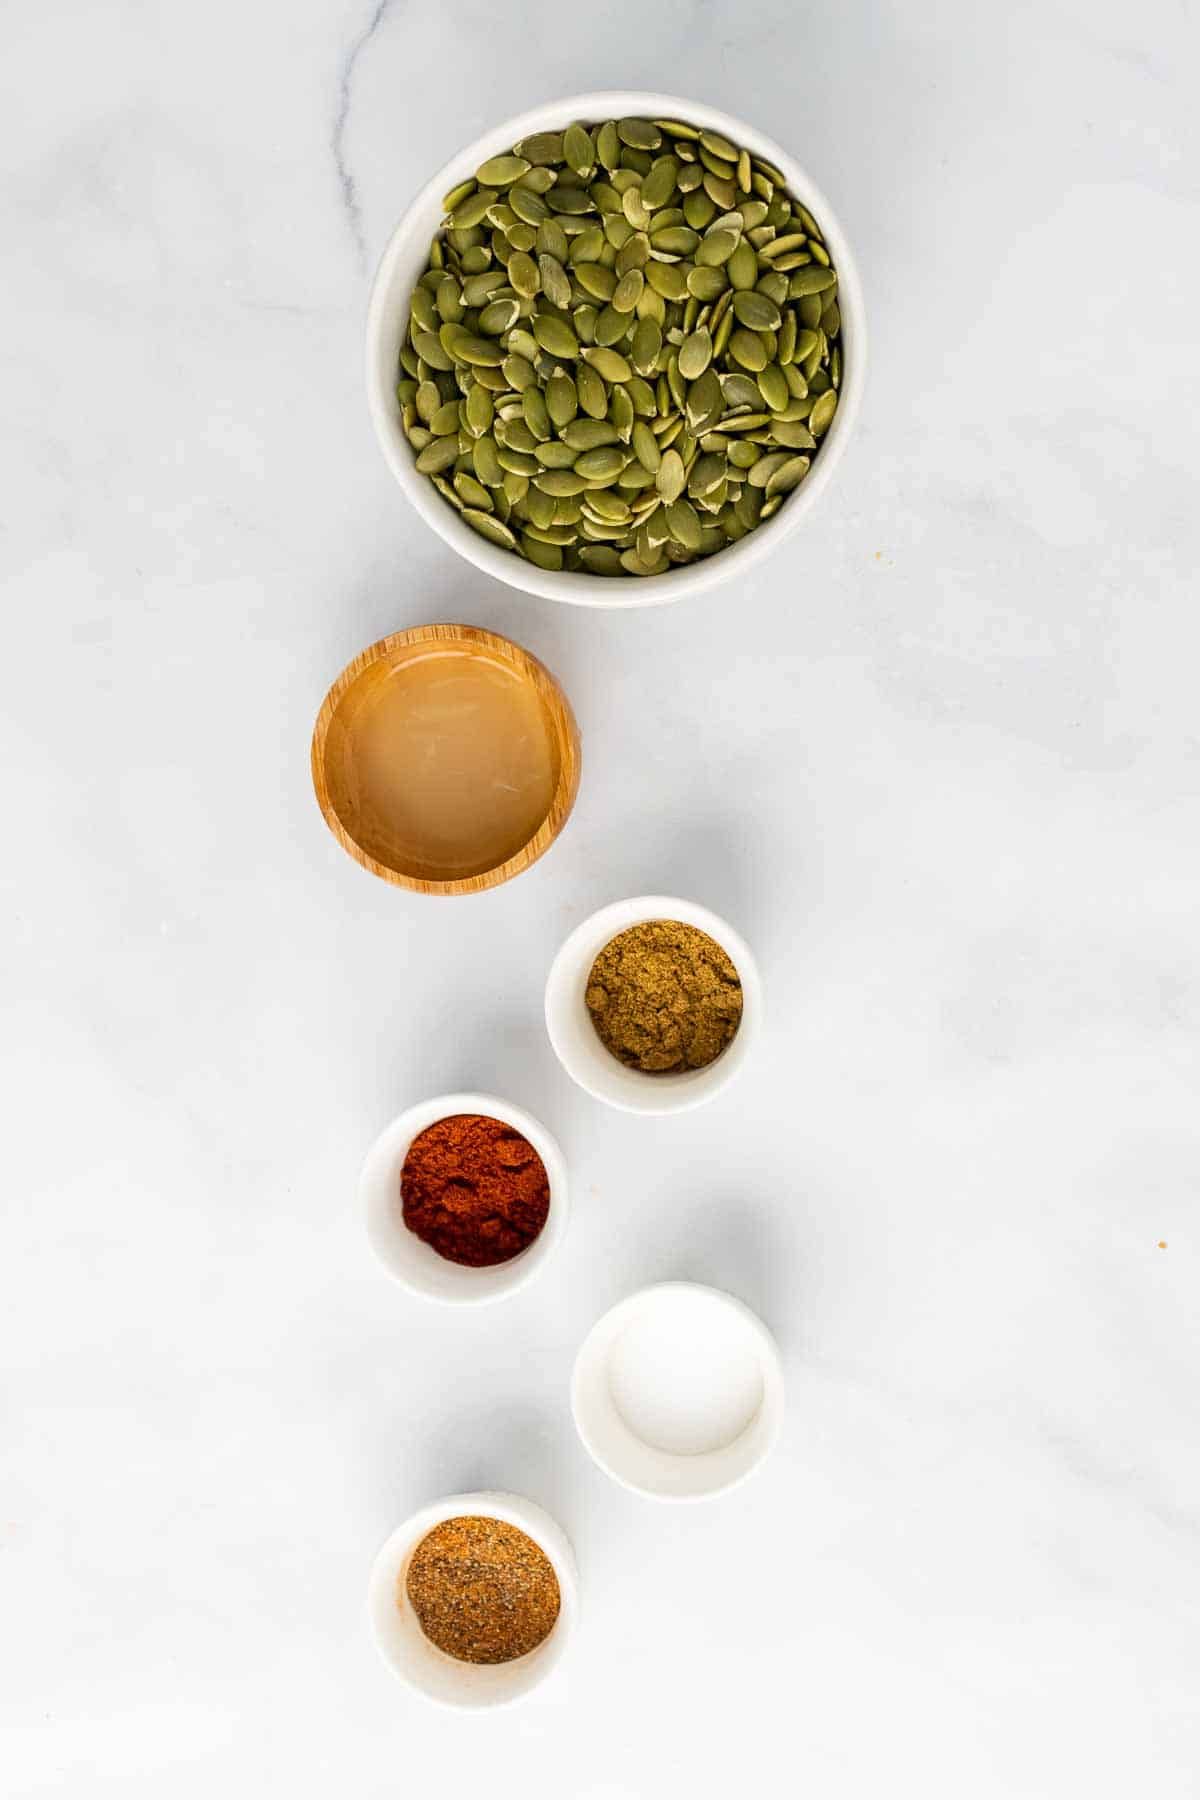 Ingredients in individual ramekins